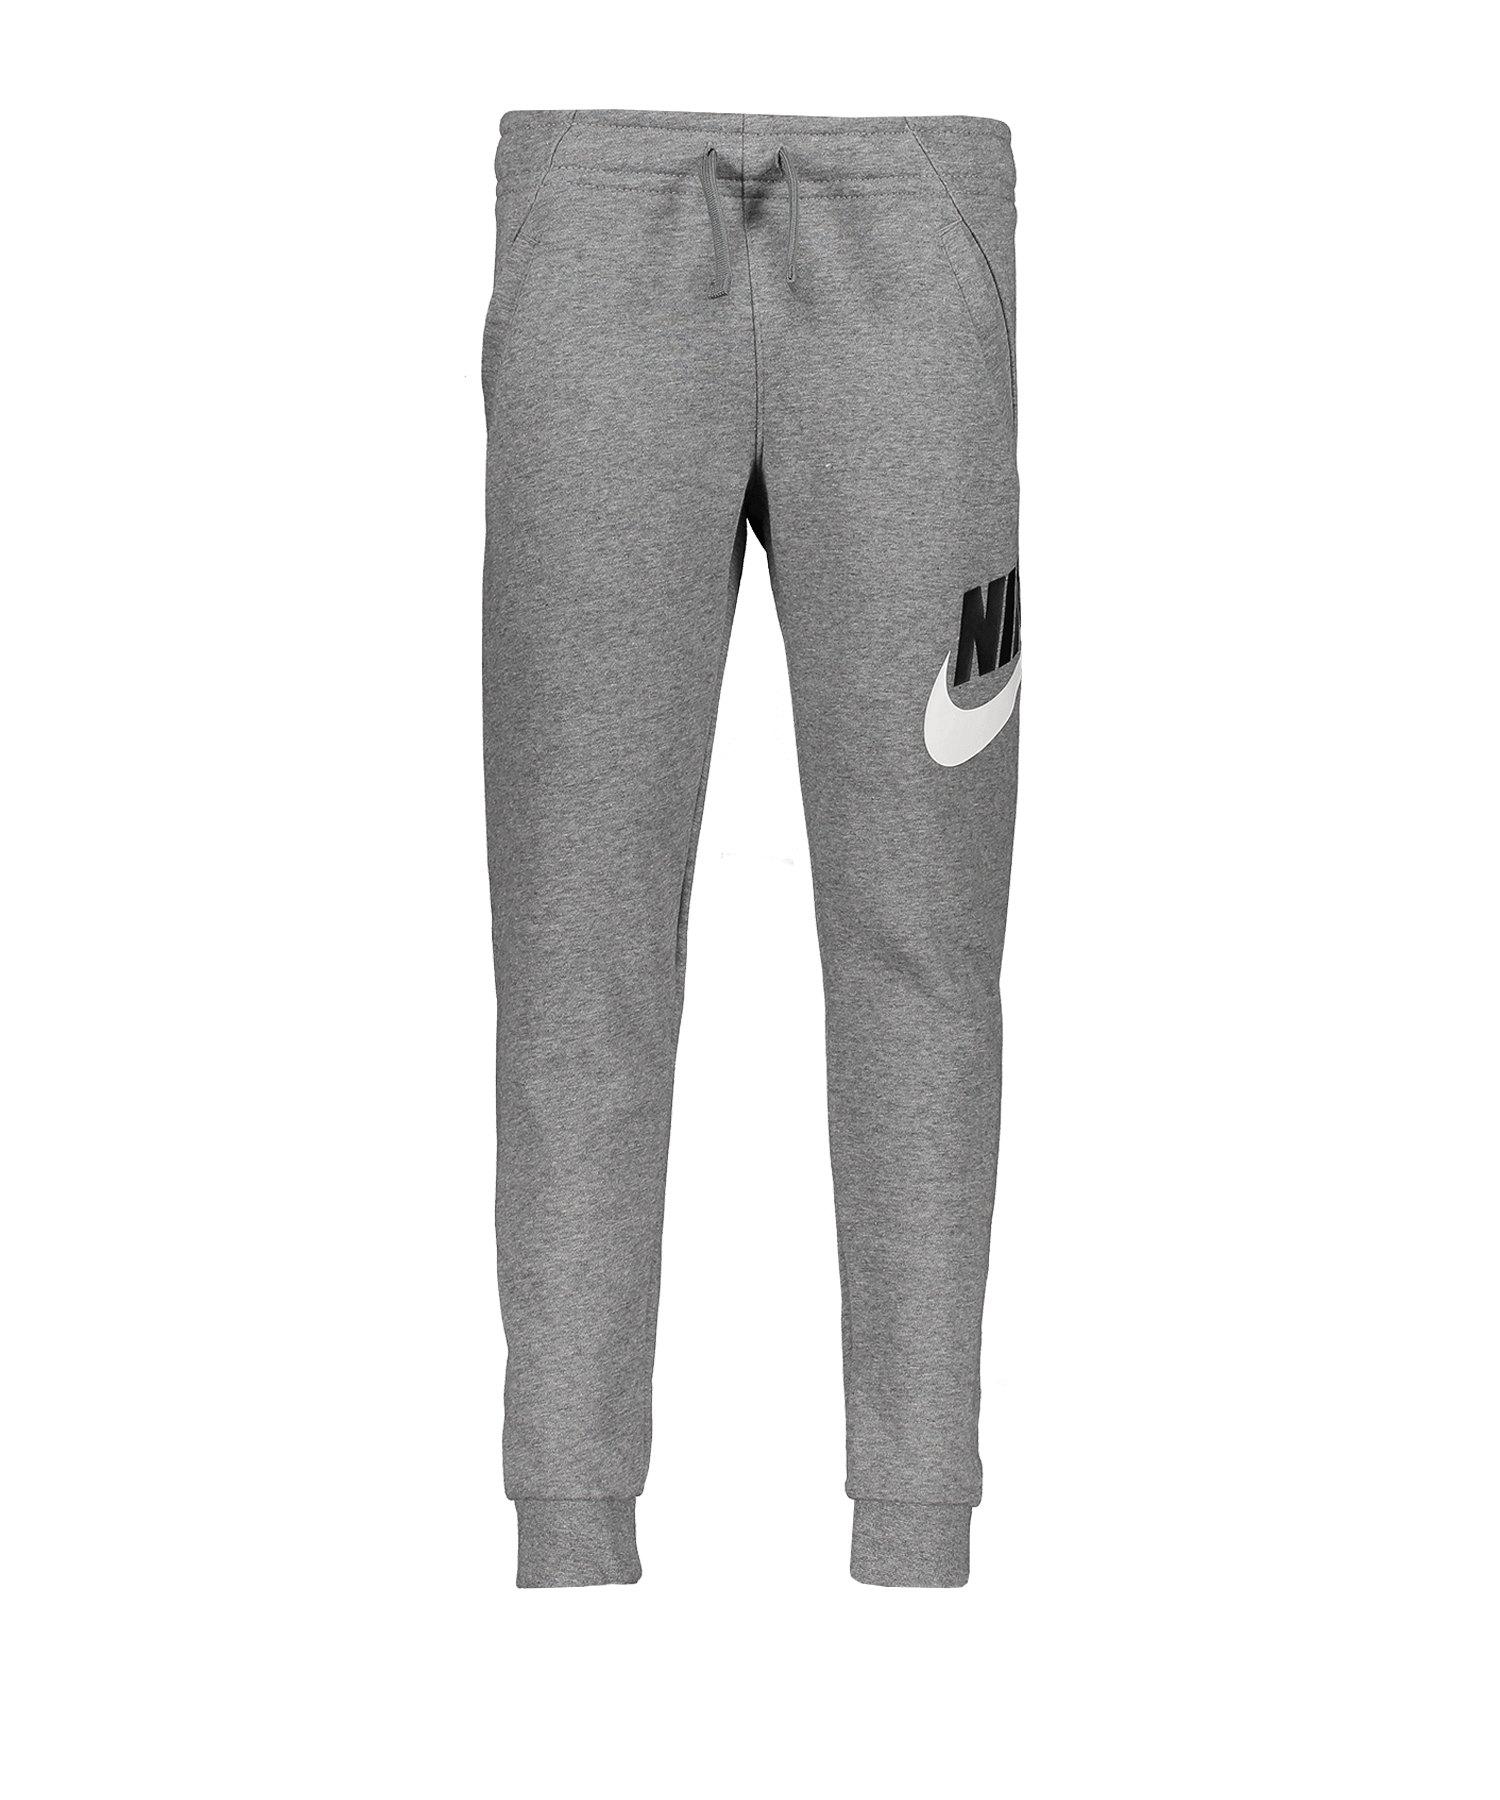 Nike Club Fleece Pants Hose lang Kids Grau F091 - grau